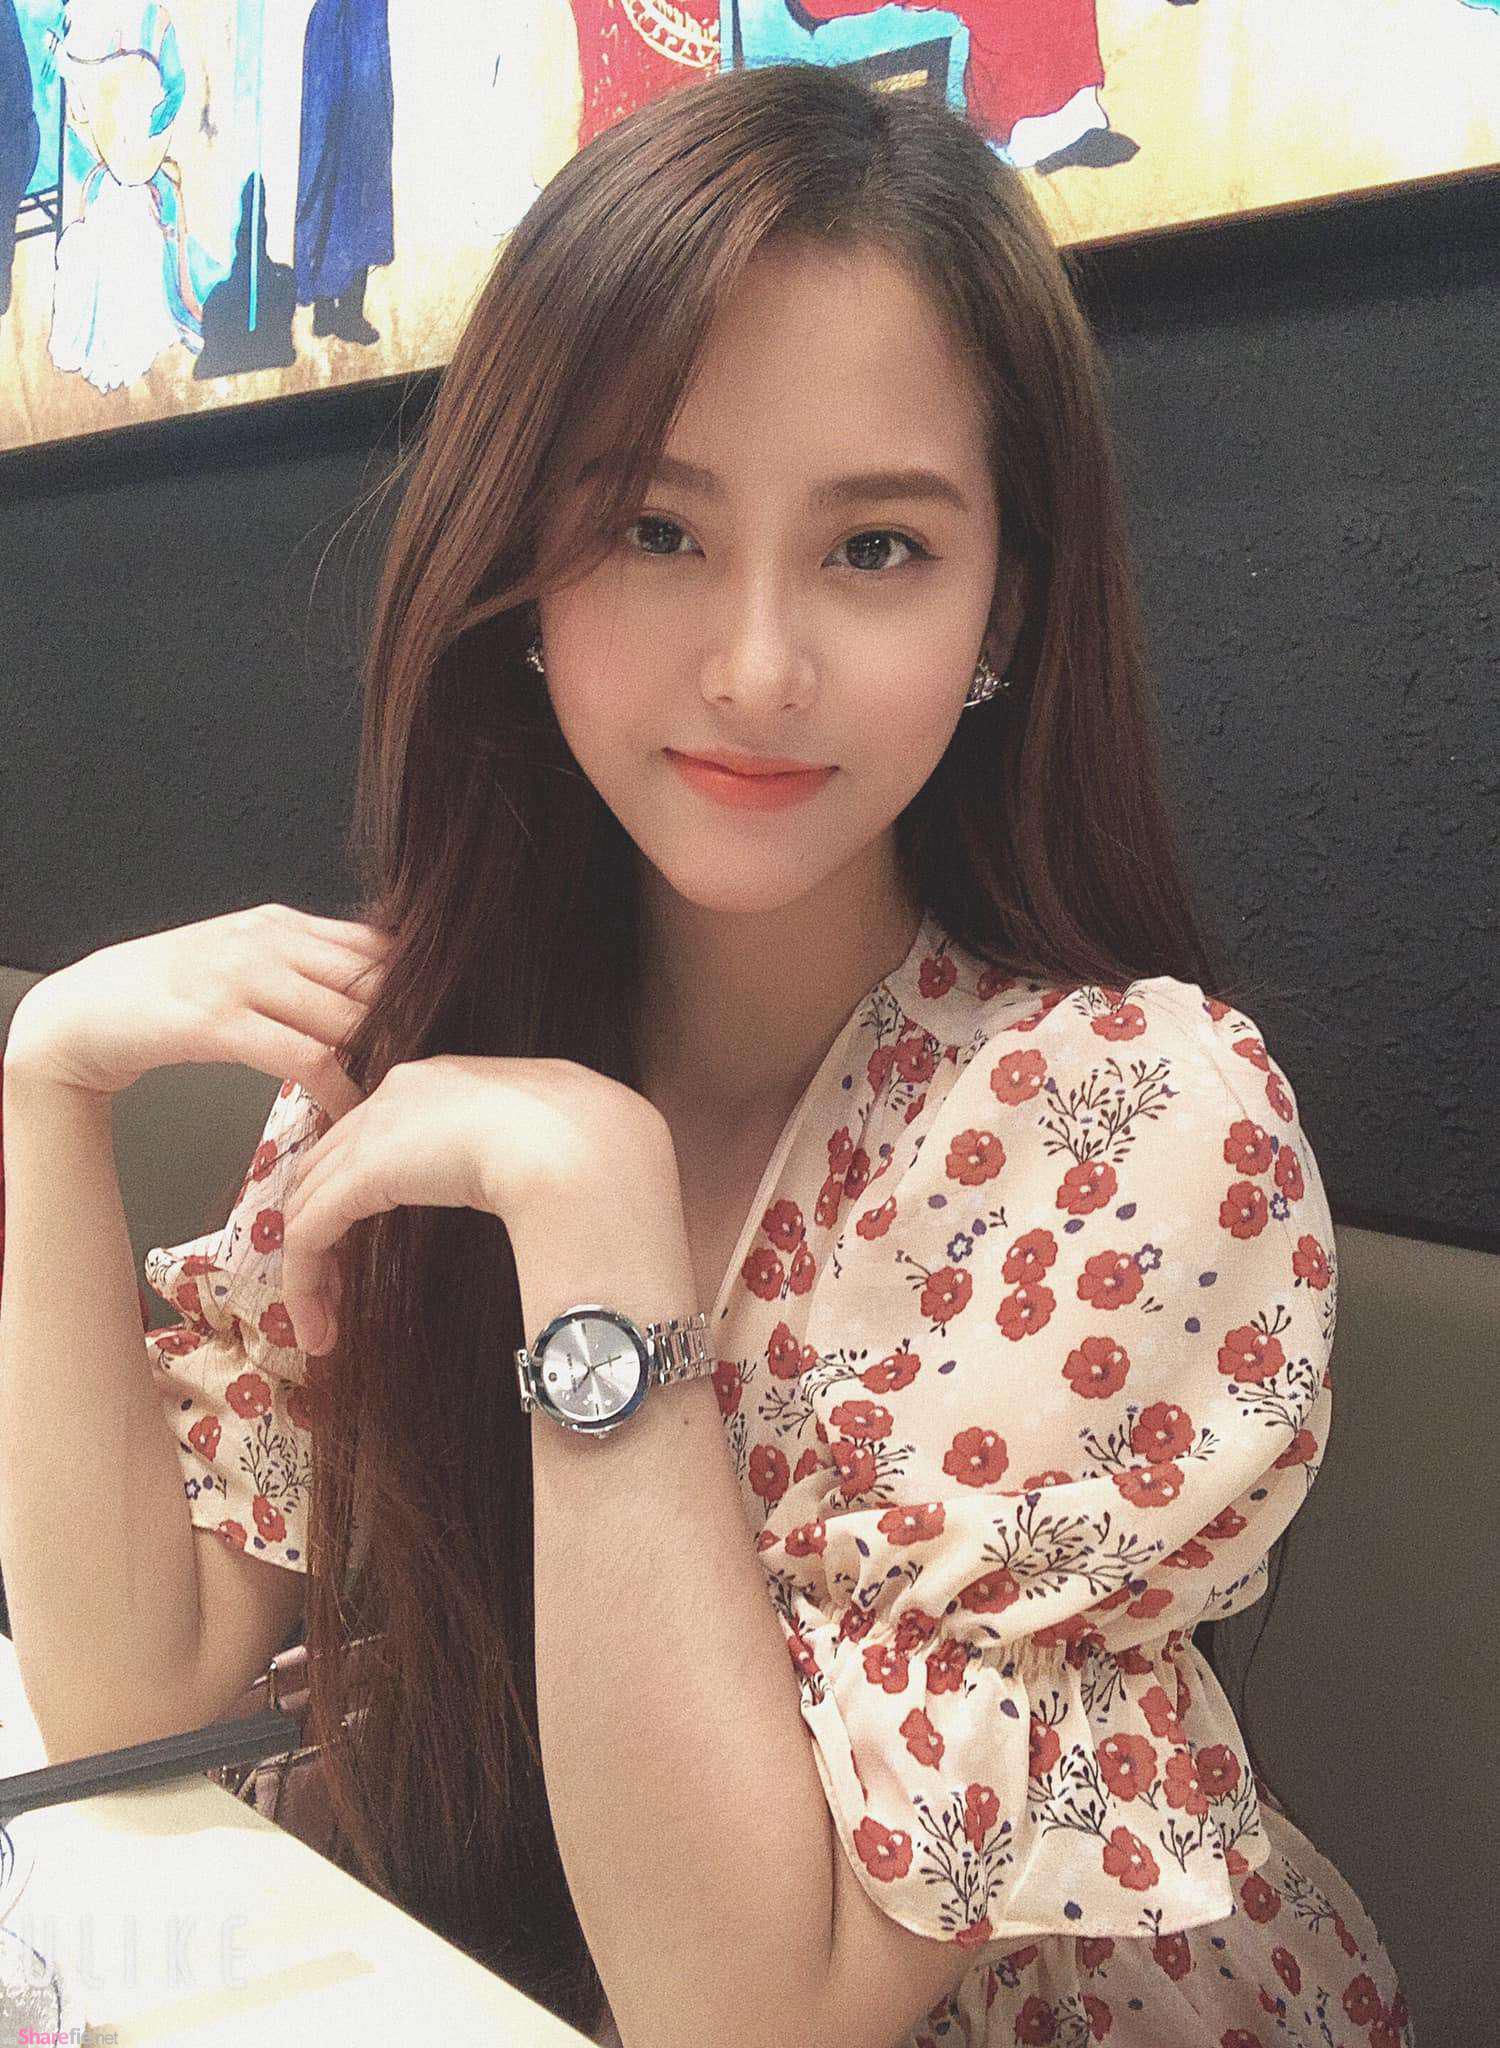 越南正妹Kim Khánh,气质甜美